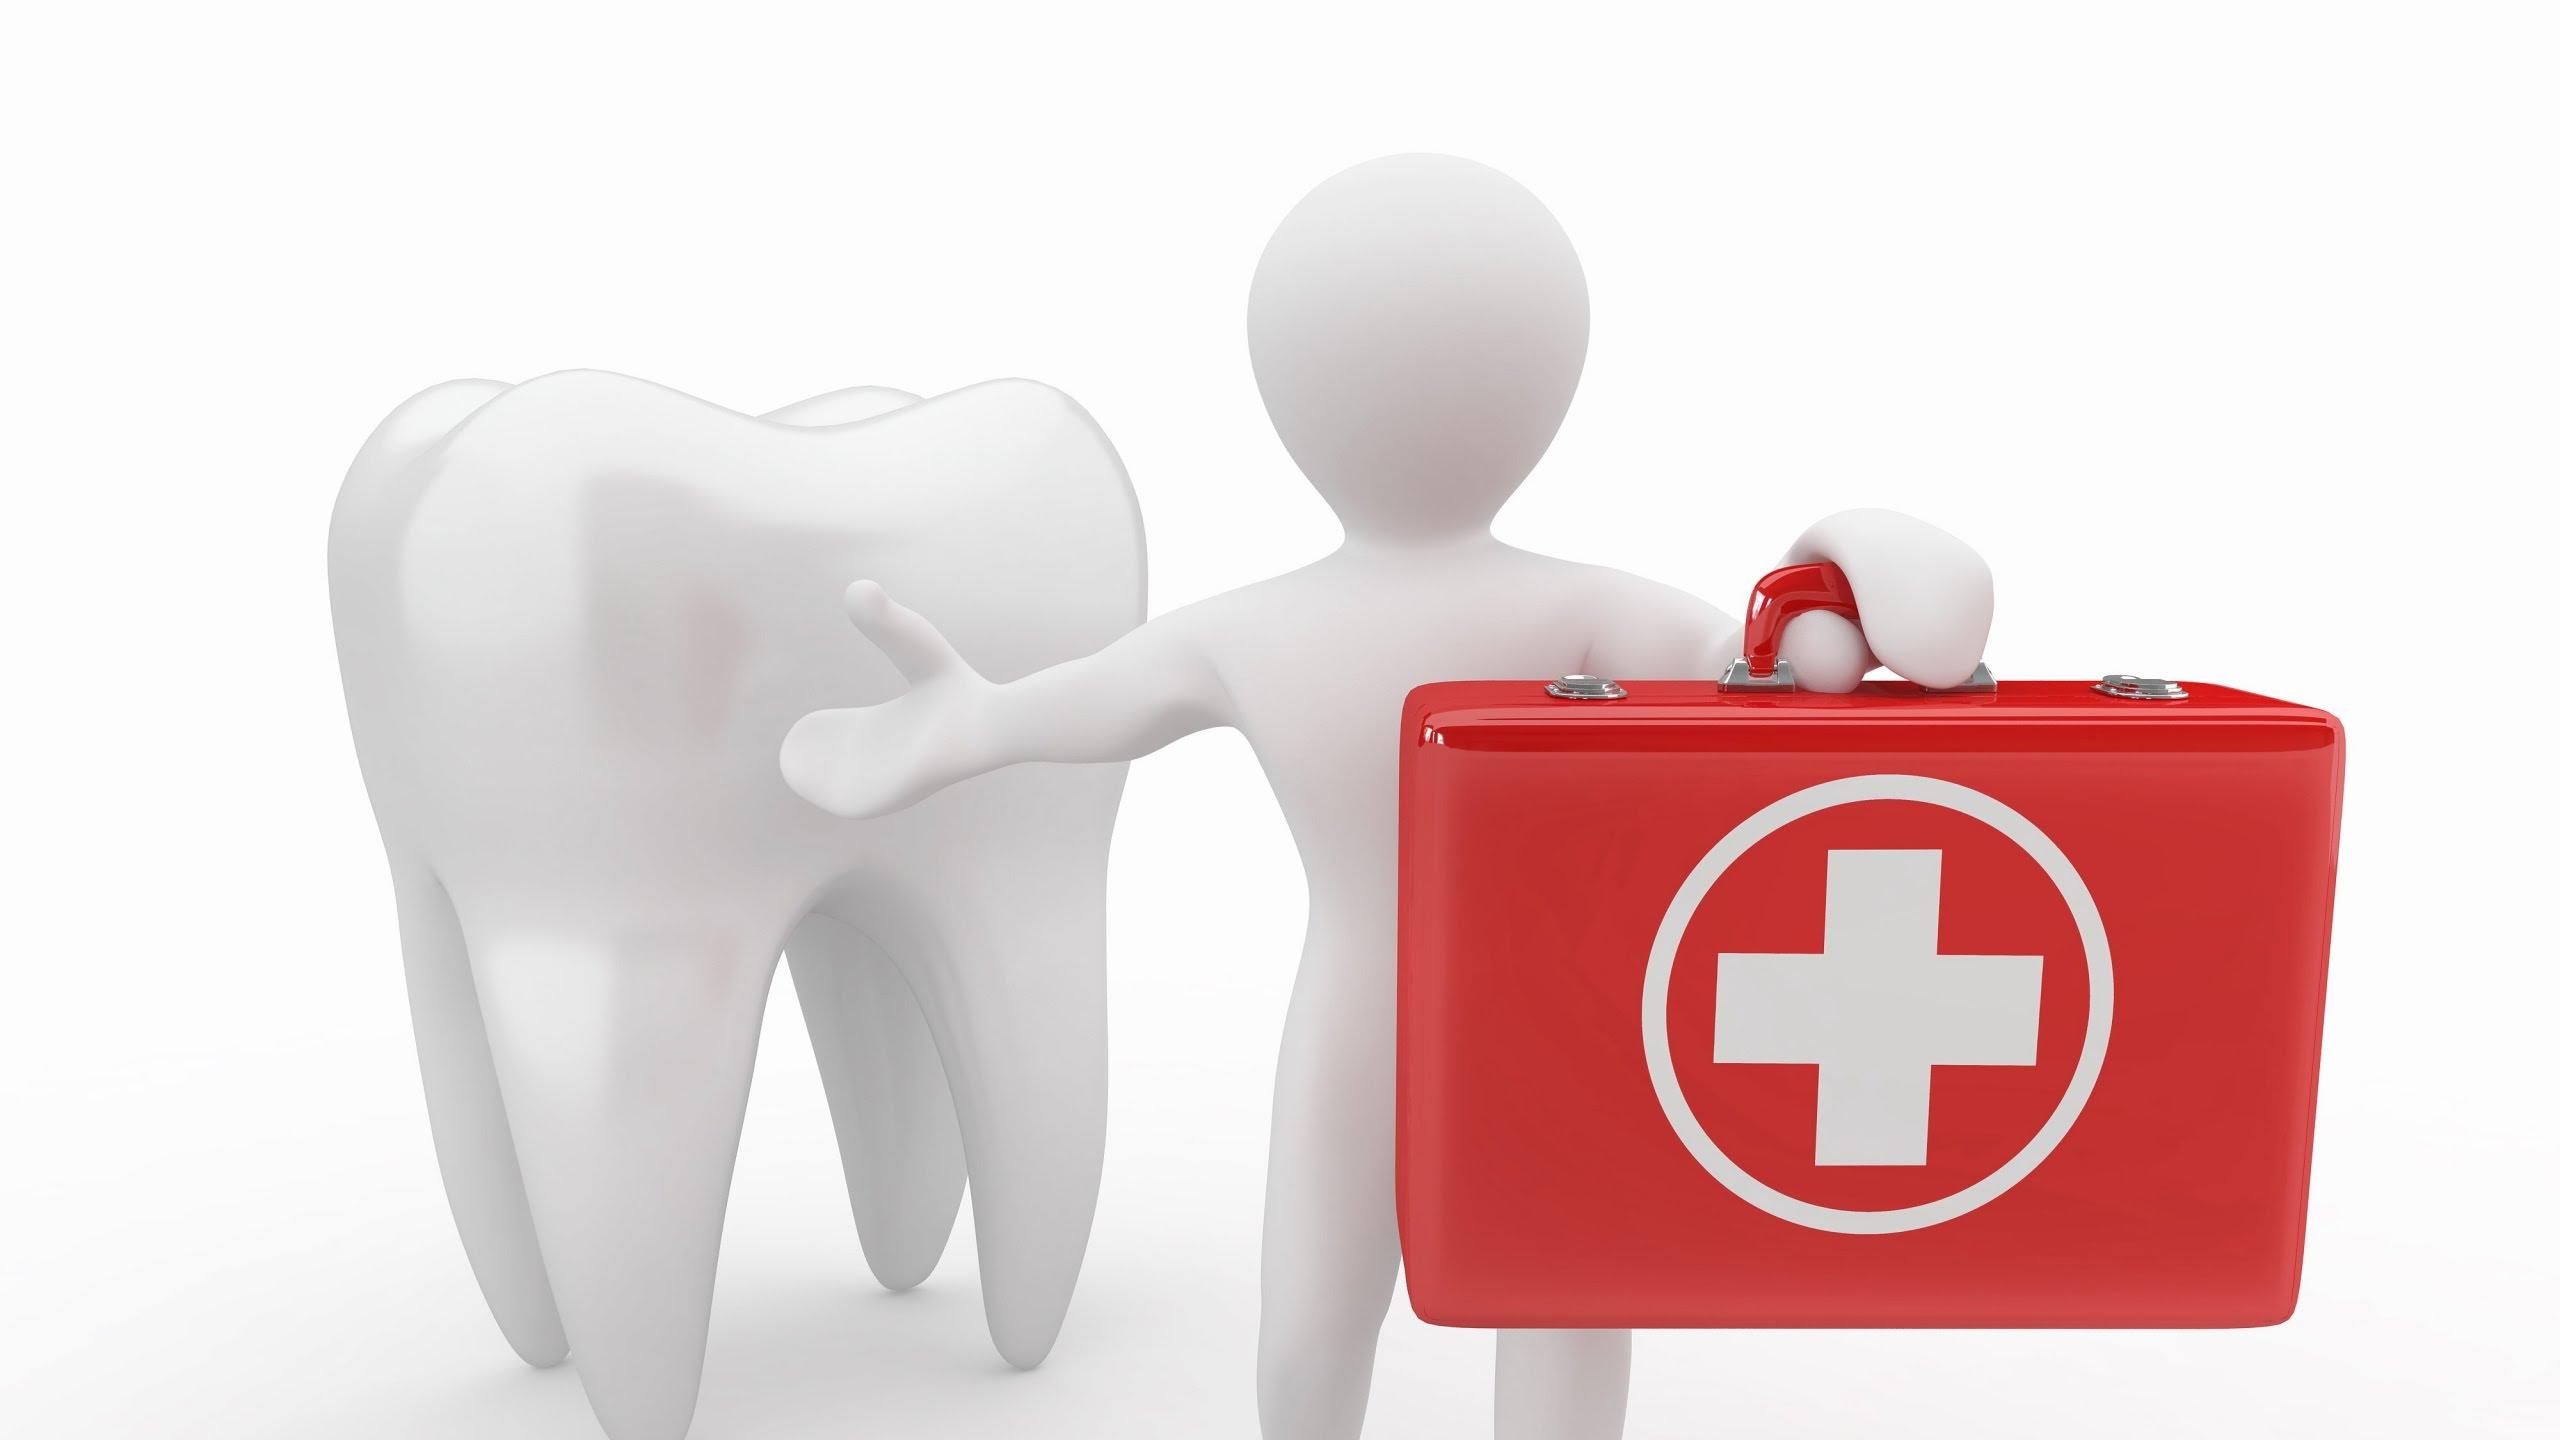 First aid wallpaper clipart best - Tips finding best wallpaper ...